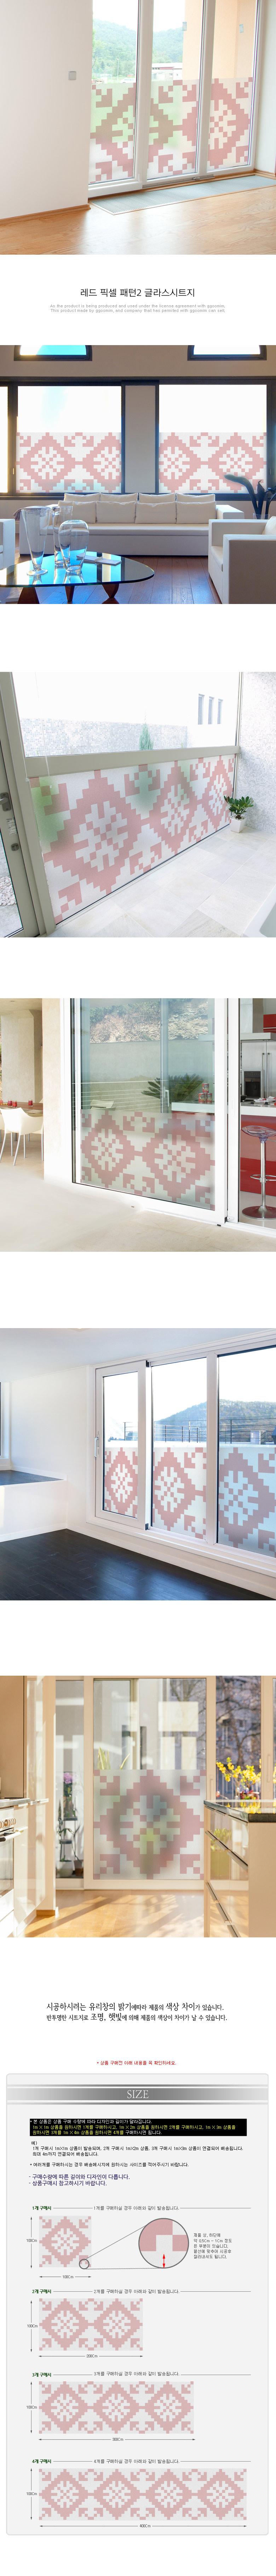 레드픽셀패턴2_글라스시트지 - 꾸밈, 16,000원, 벽지/시트지, 디자인 시트지